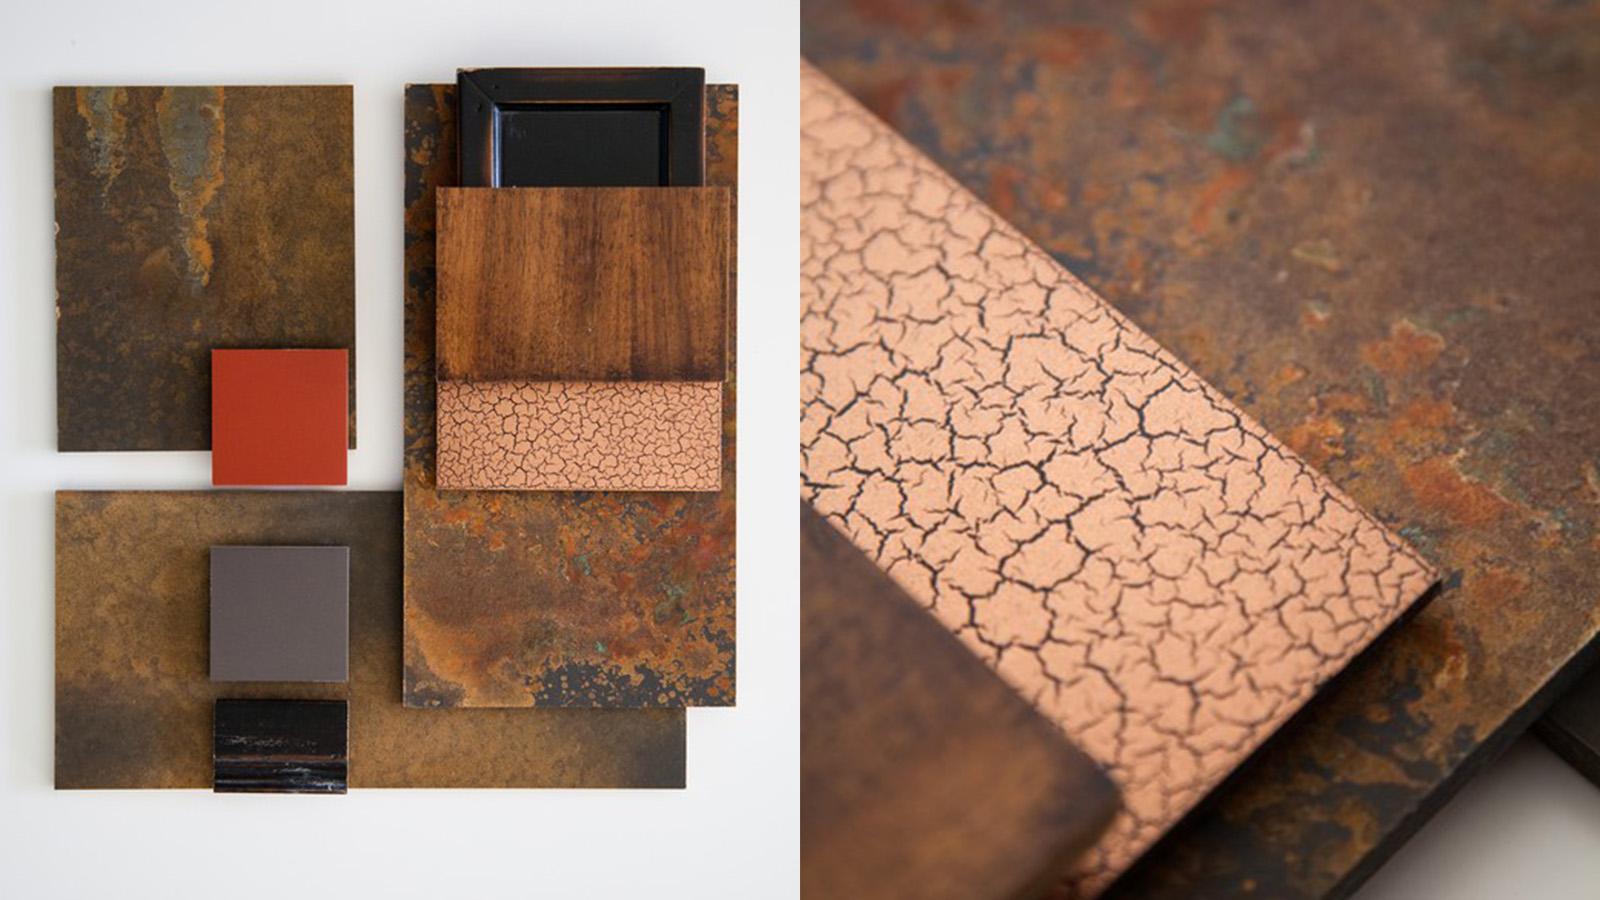 consulenza-e-ricerca-colore-materiali-finiture-bigliotti-vernici-mattone